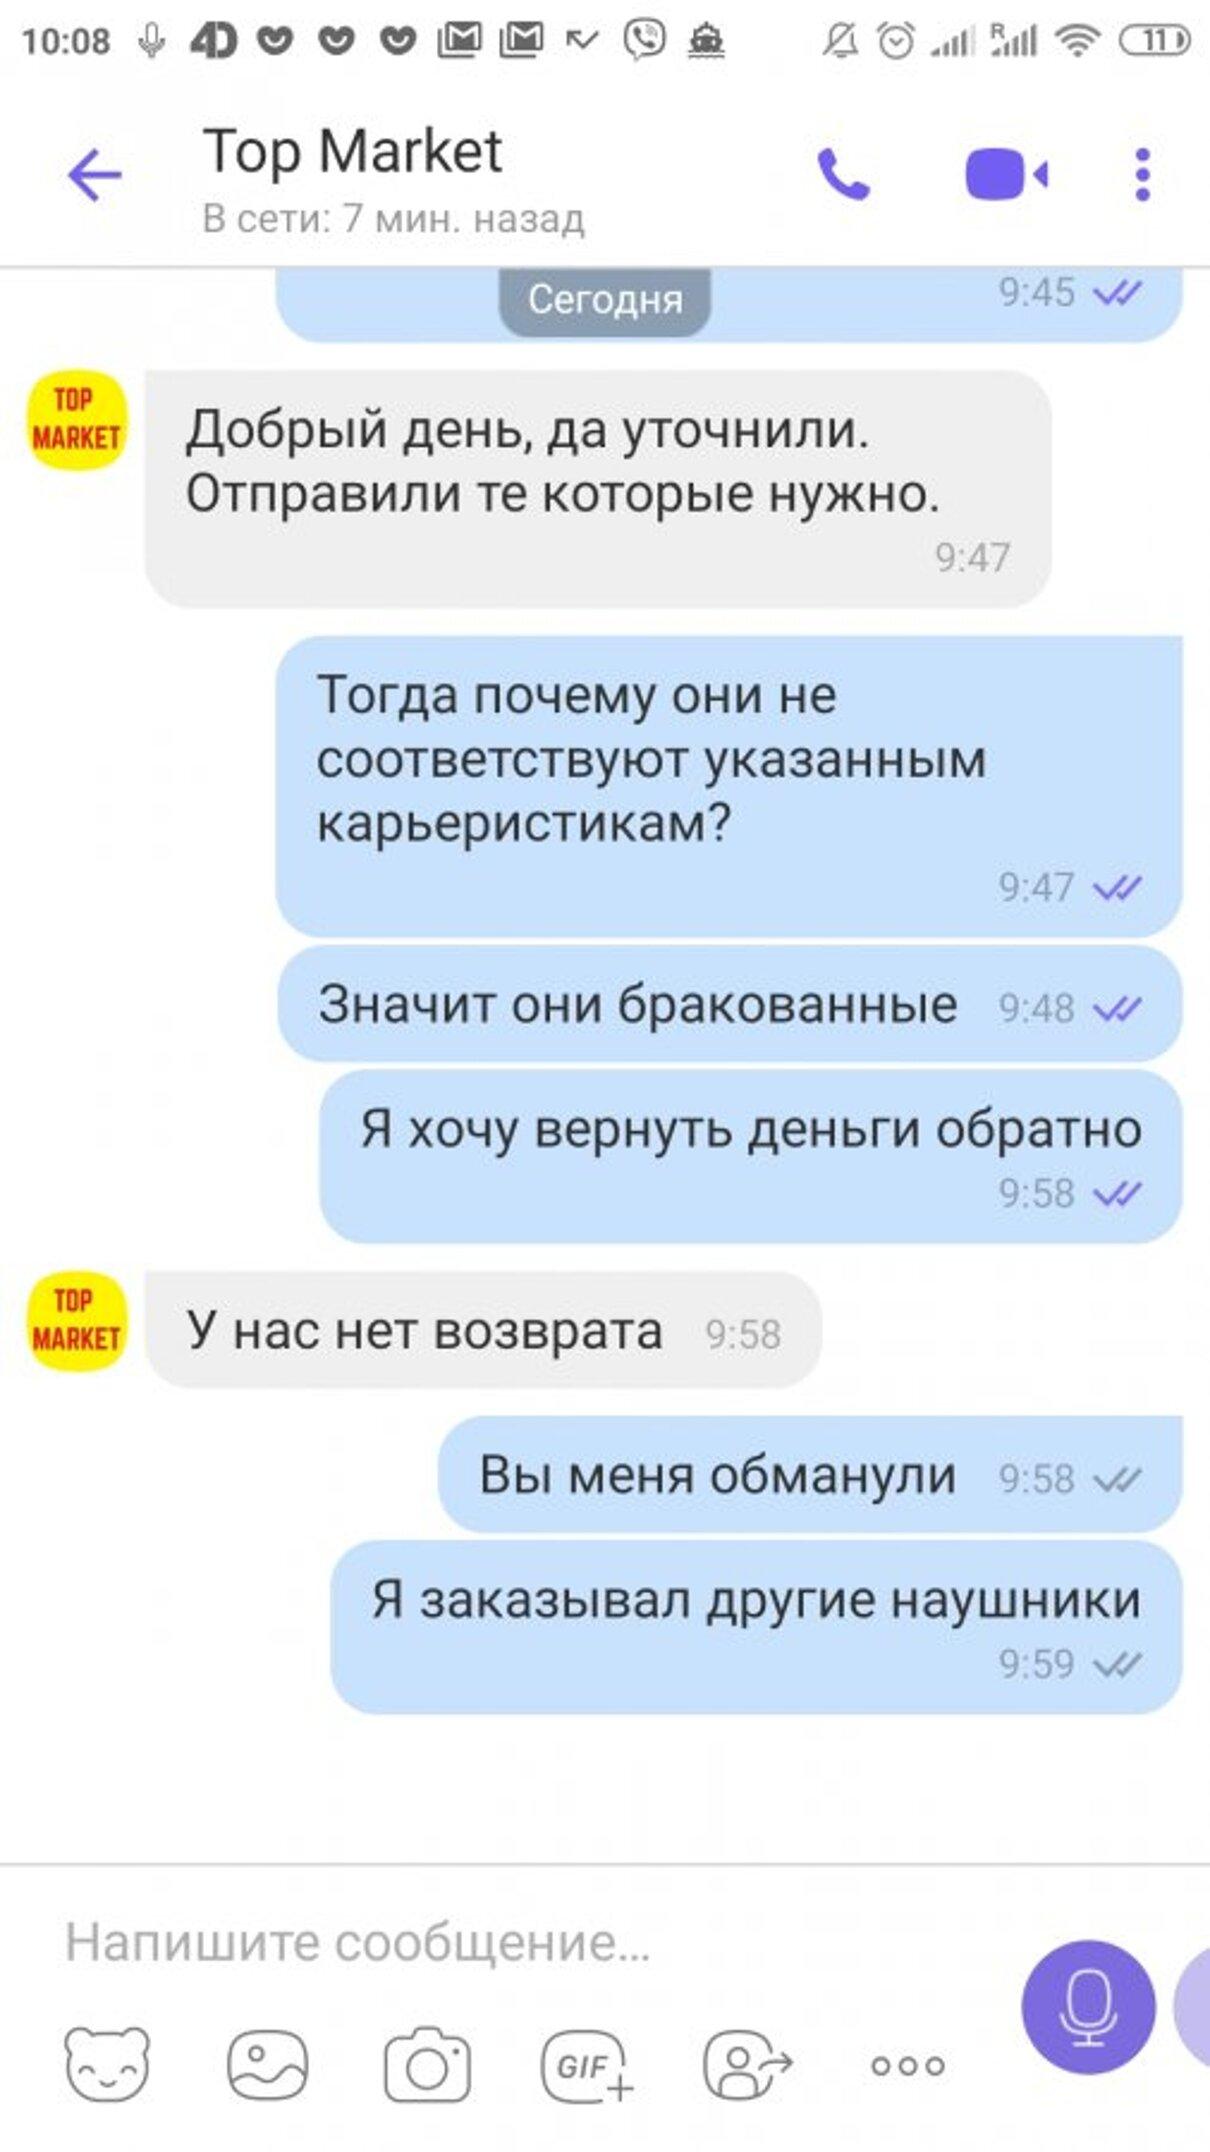 Жалоба-отзыв: Top Market / topmarket1.com.ua / Airpods2 copy - Top Market, Topmarket1.com.ua.  Фото №2